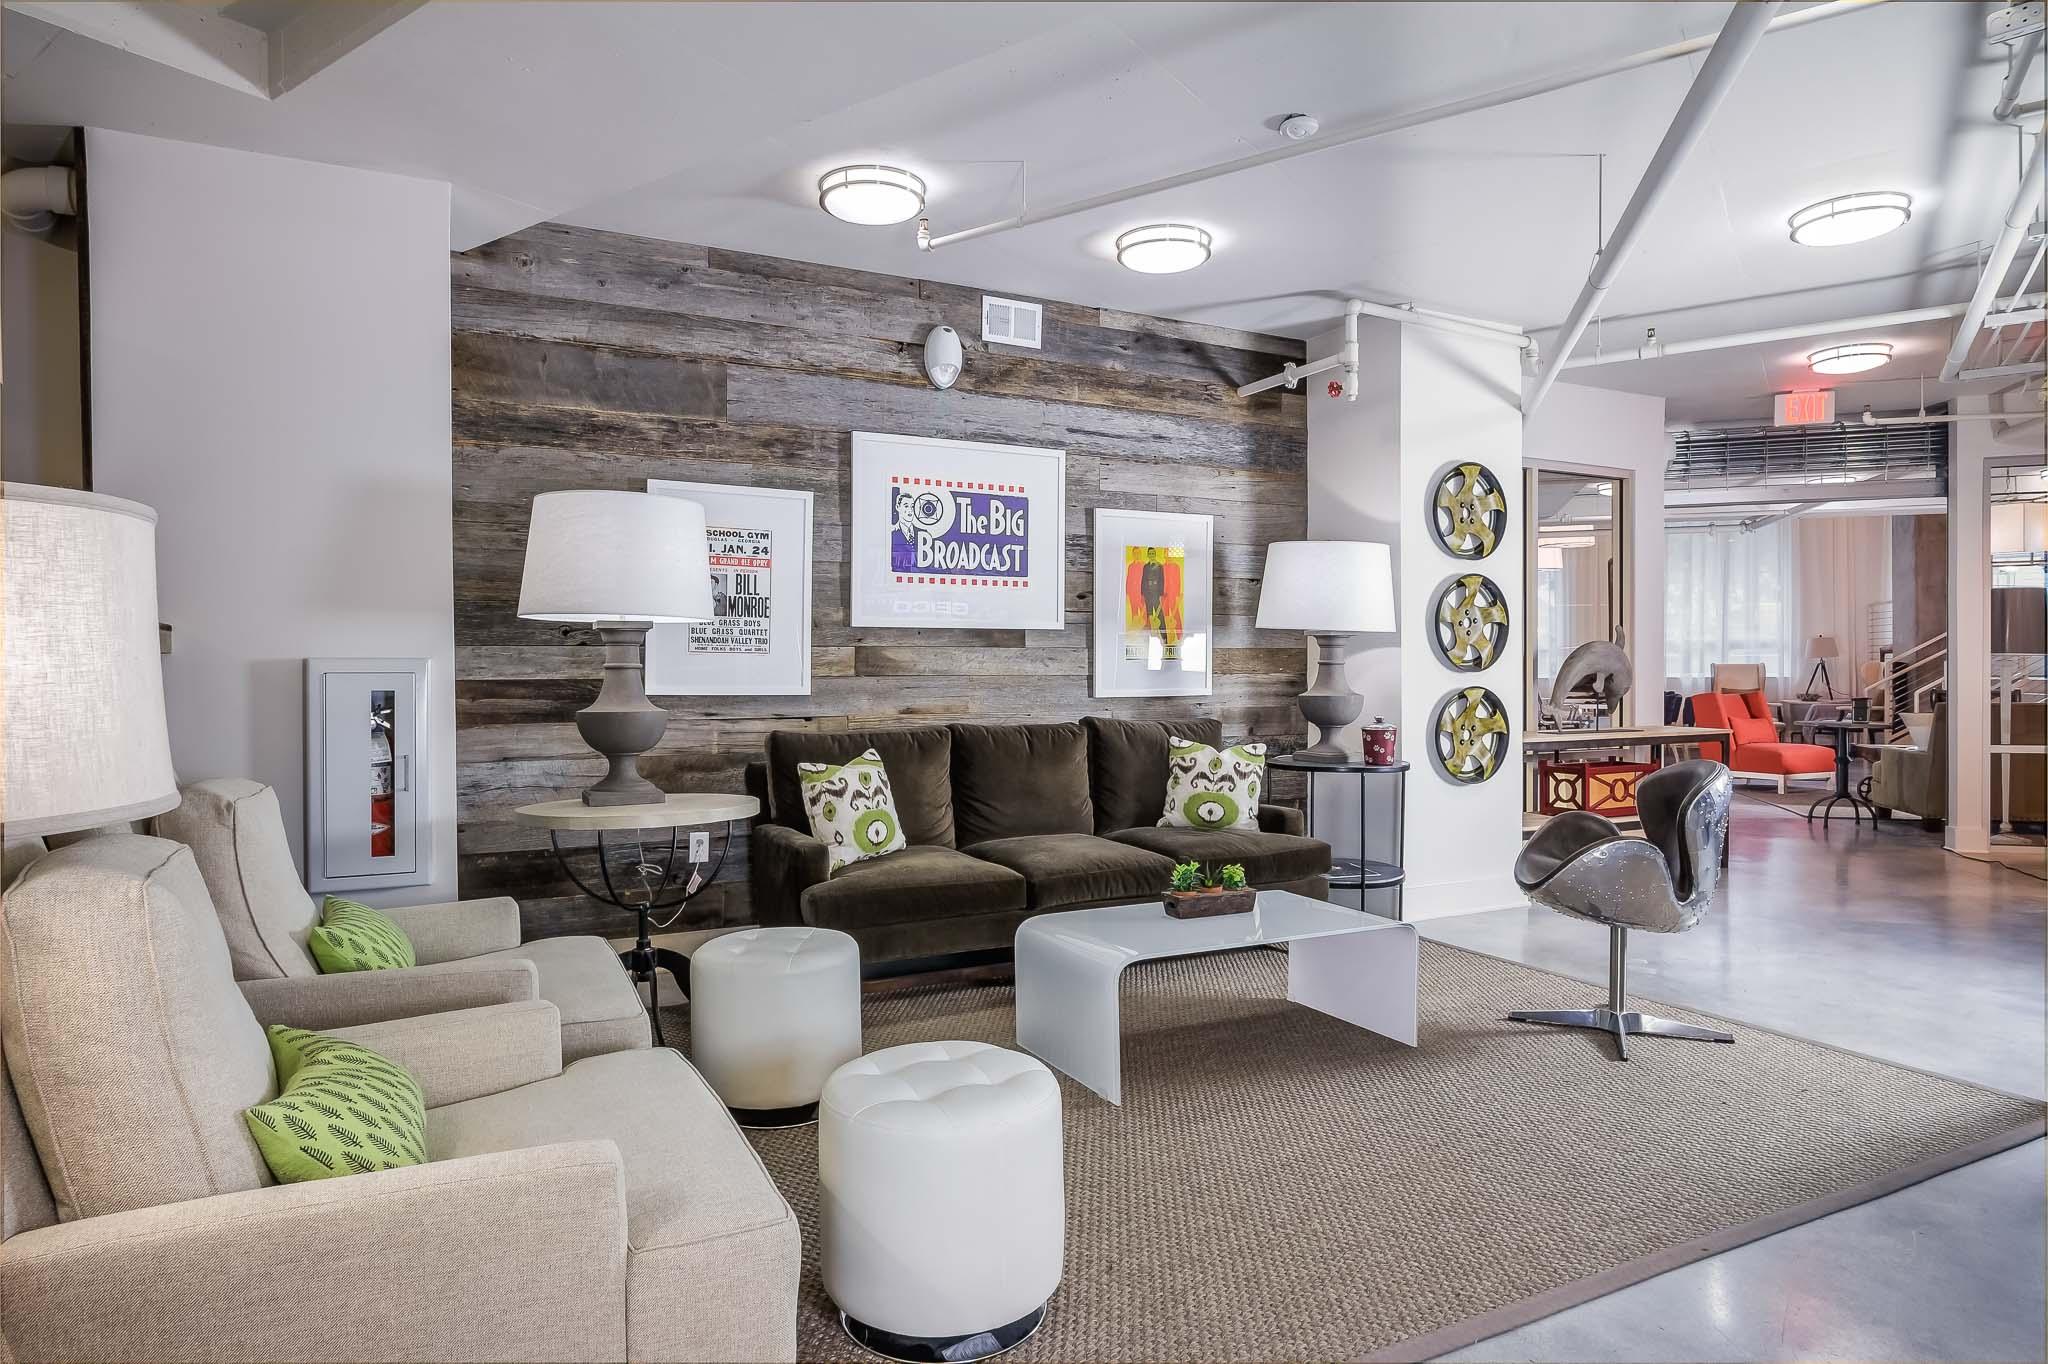 30-lobby-tv-area.jpg